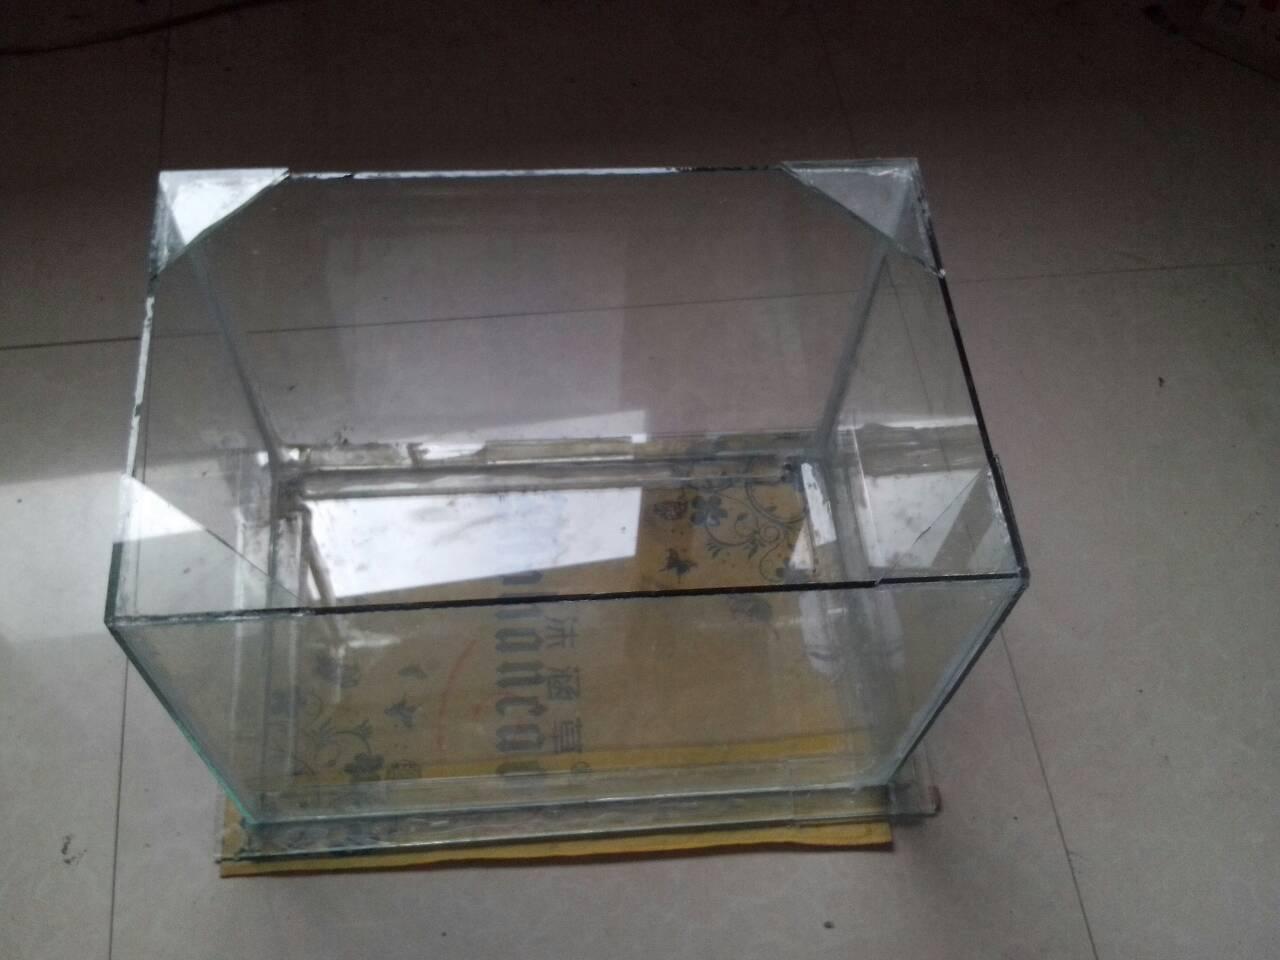 透明玻璃胶_三天前粘了一个鱼缸,用的是透明玻璃胶,我想问下多久可以装水啊?